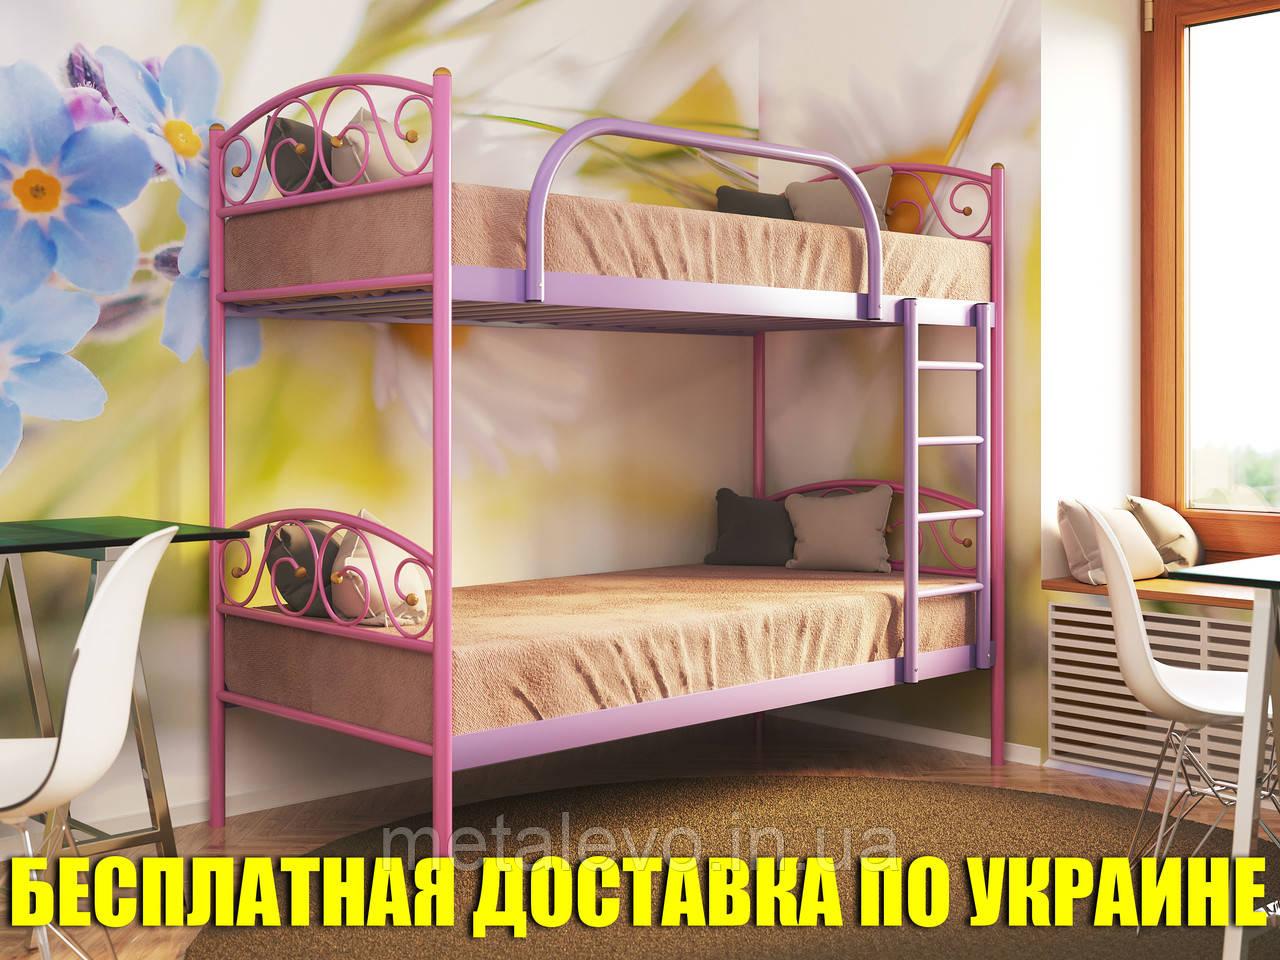 Двухъярусная металлическая кровать ВЕРОНА ДУО (VERONA DUO)